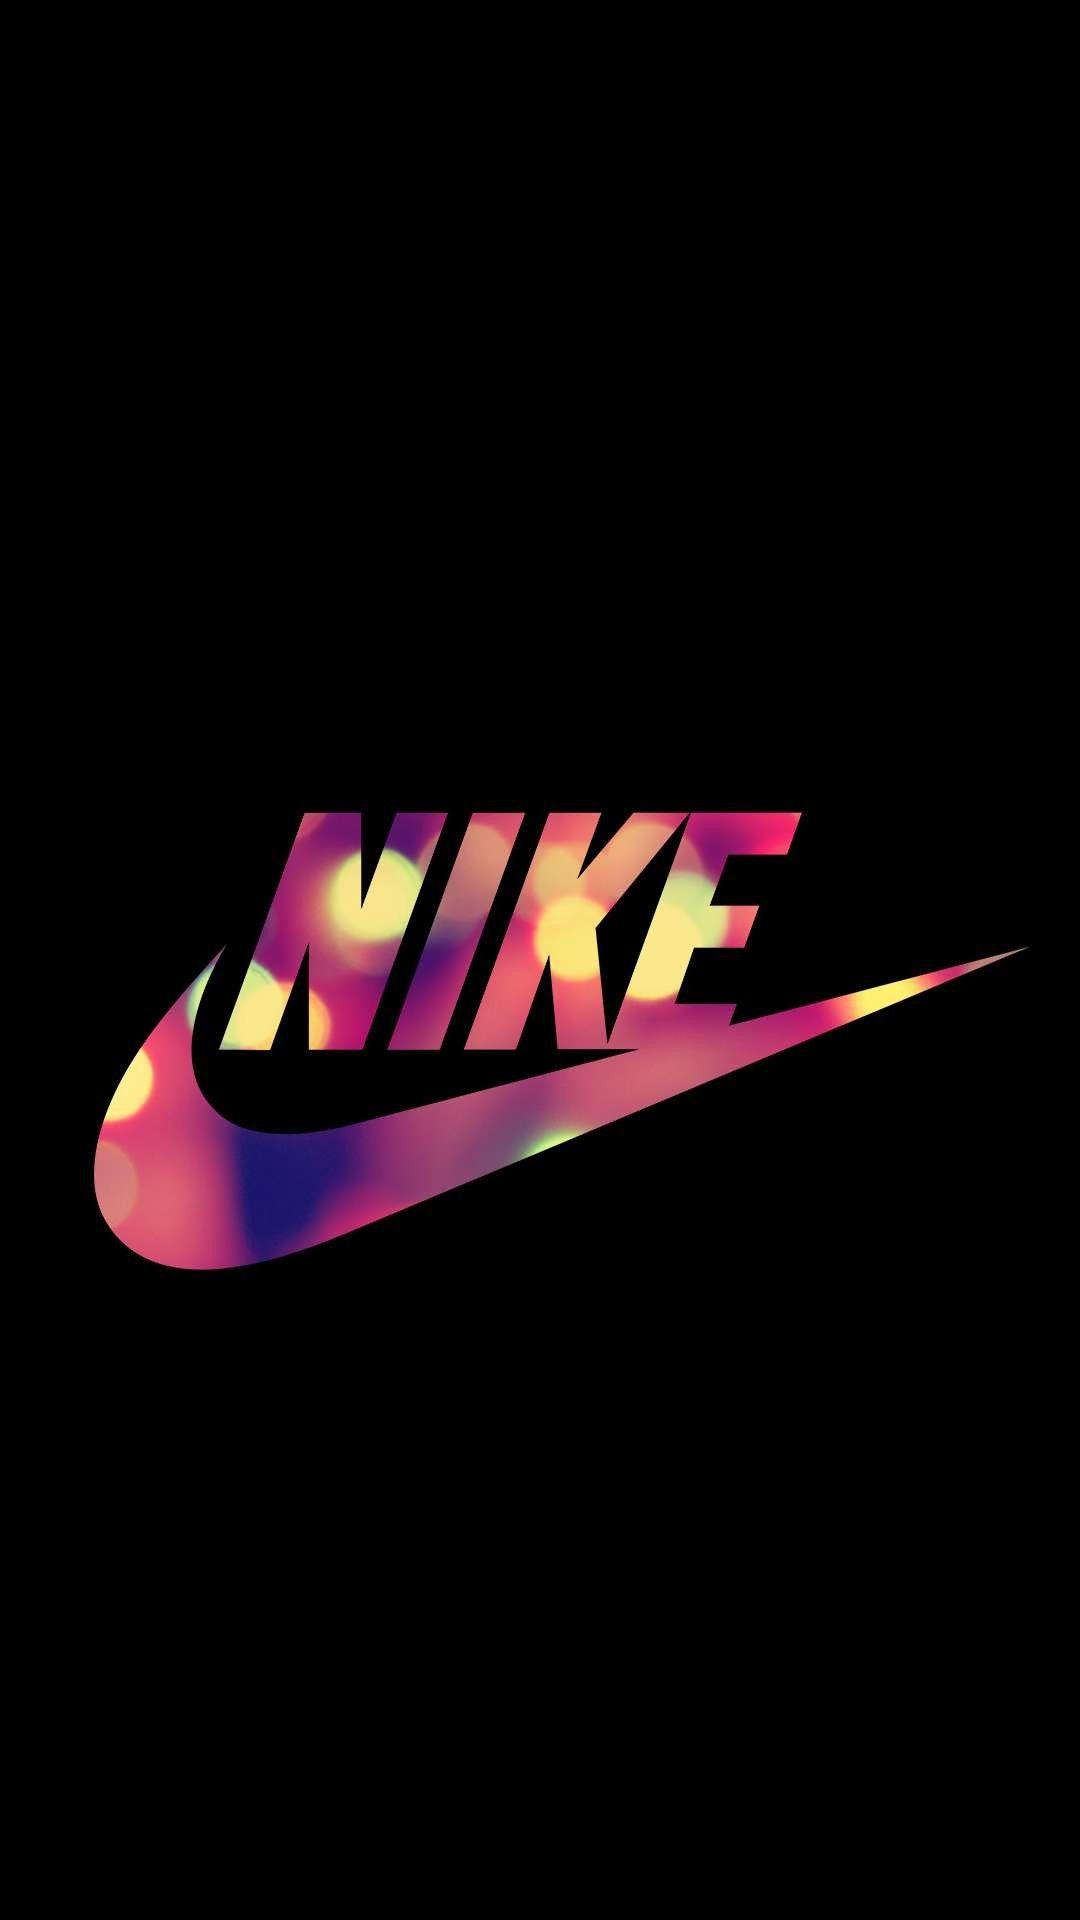 Pin By Samantha Keller On Nike Adidas Nike Wallpaper Iphone Nike Wallpaper Adidas Wallpaper Iphone